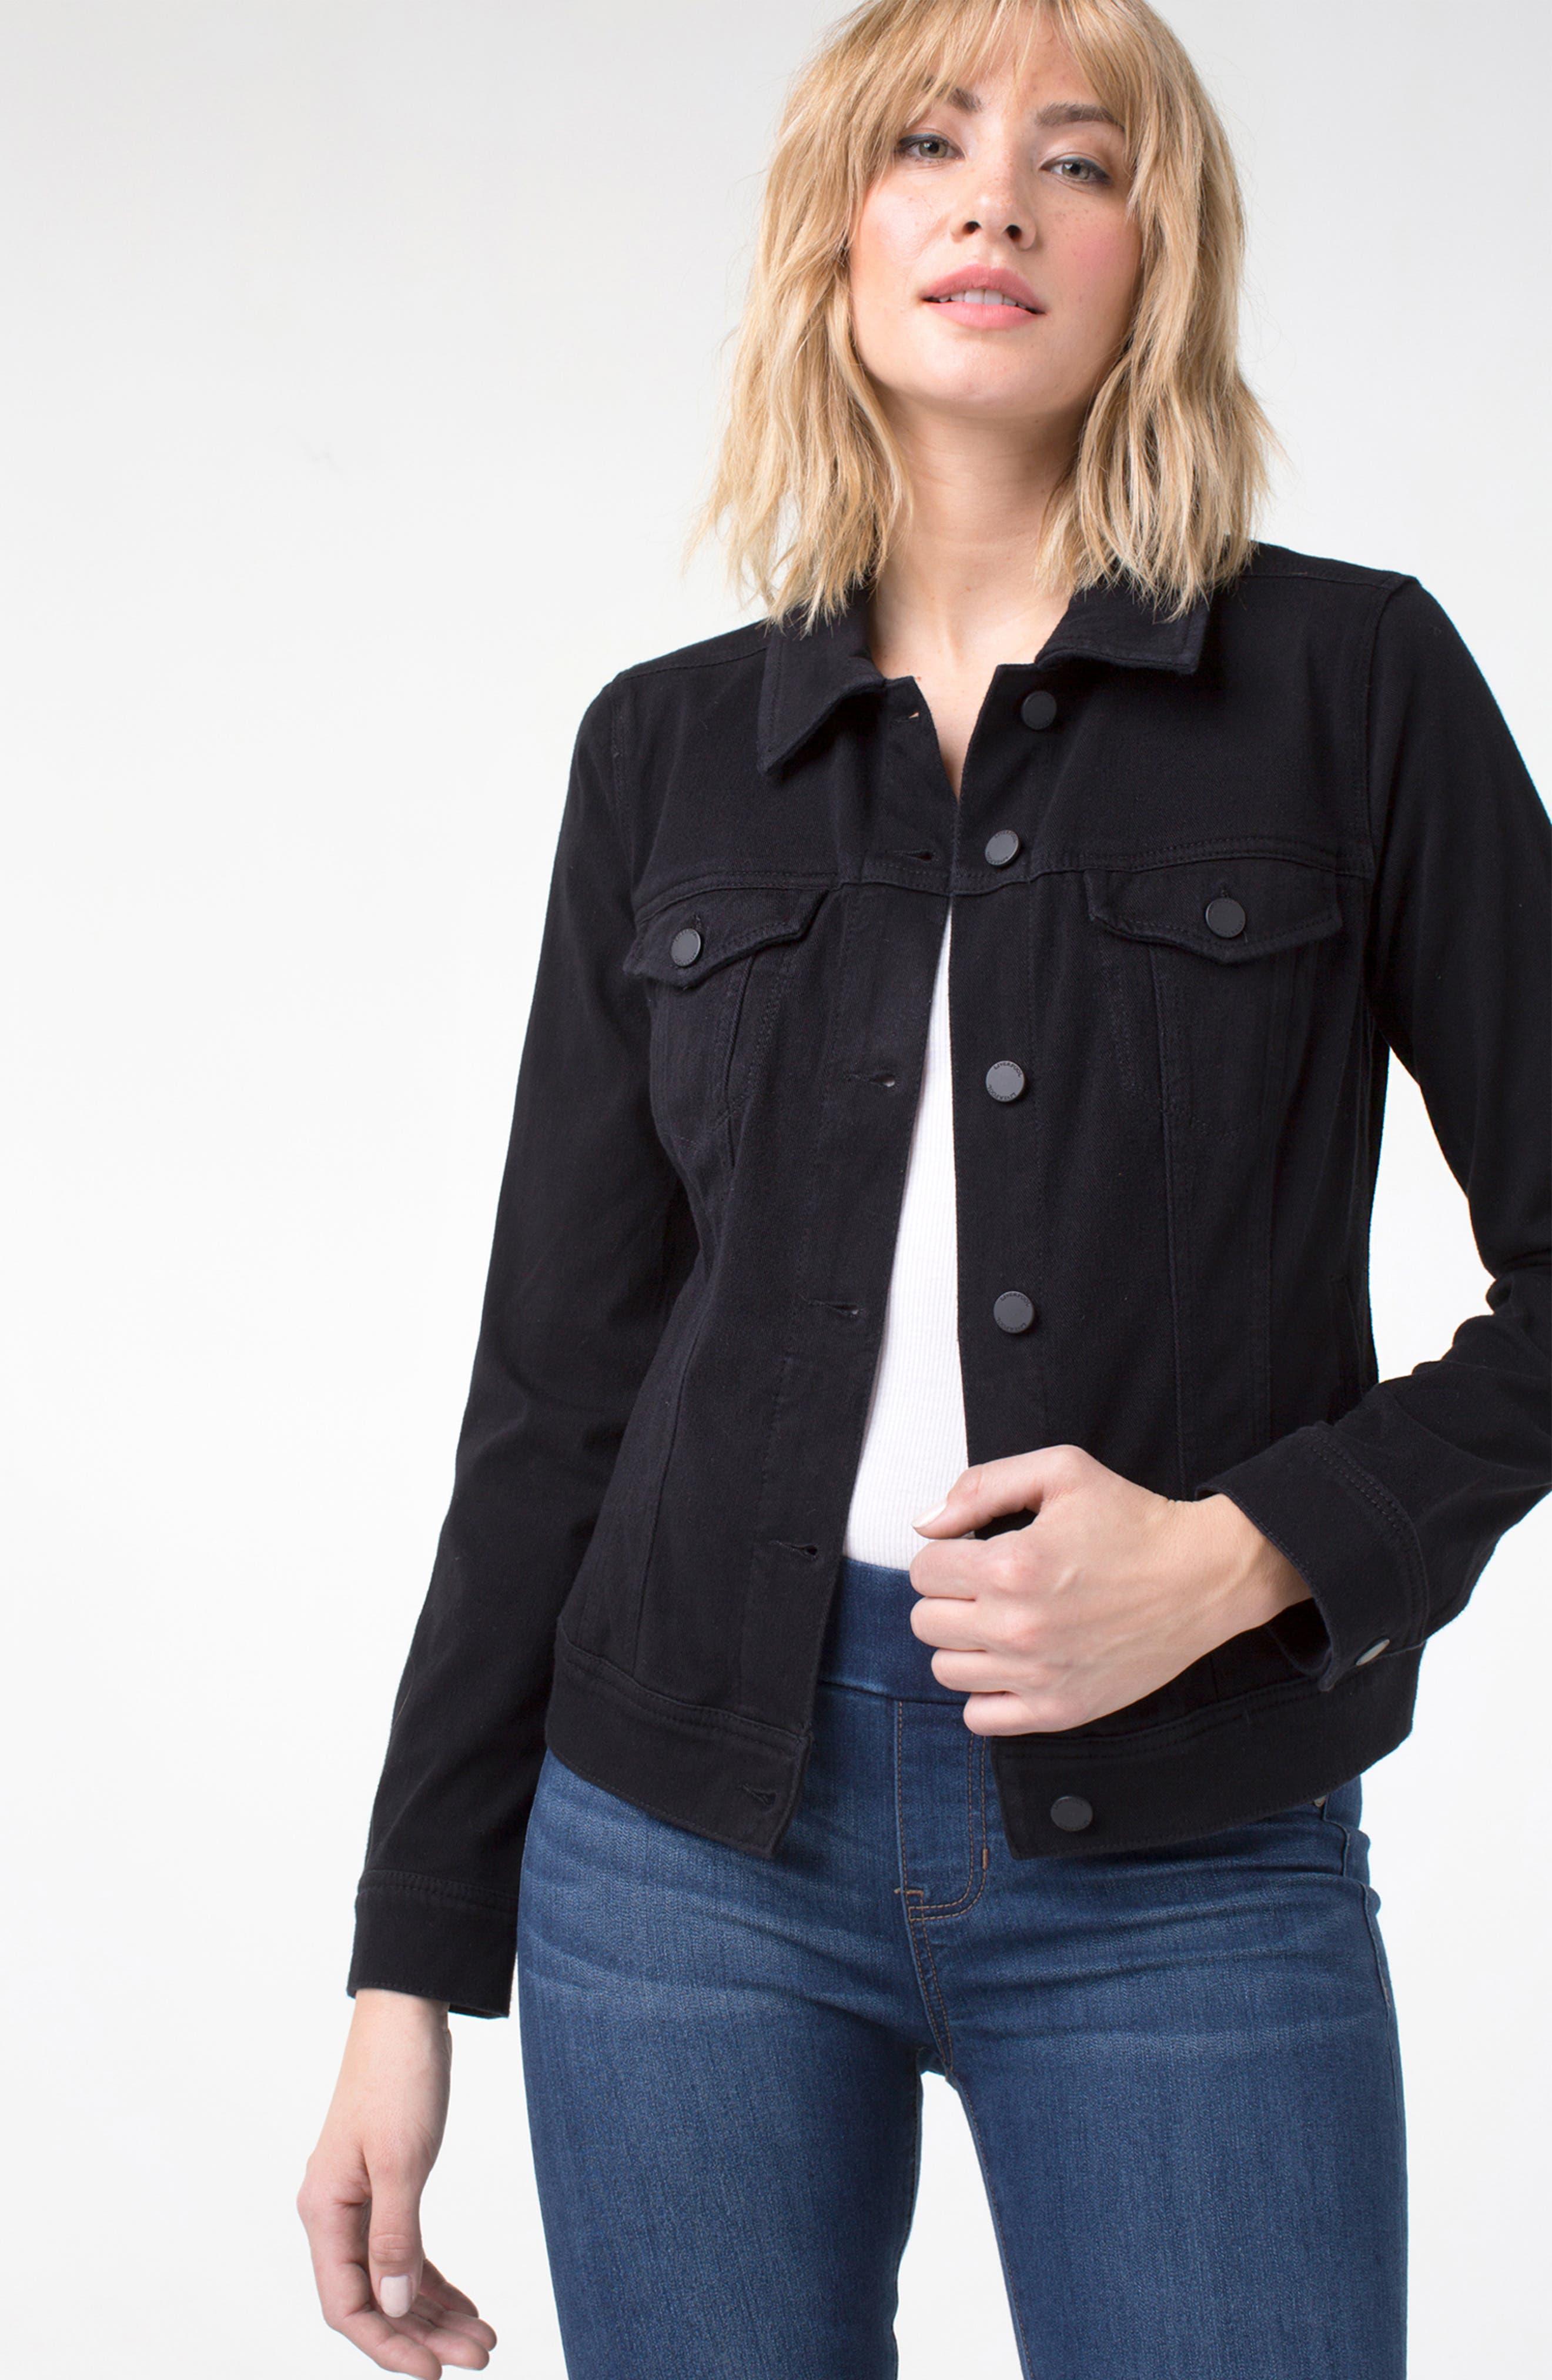 Jeans Co. Knit Denim Jacket,                             Alternate thumbnail 6, color,                             001